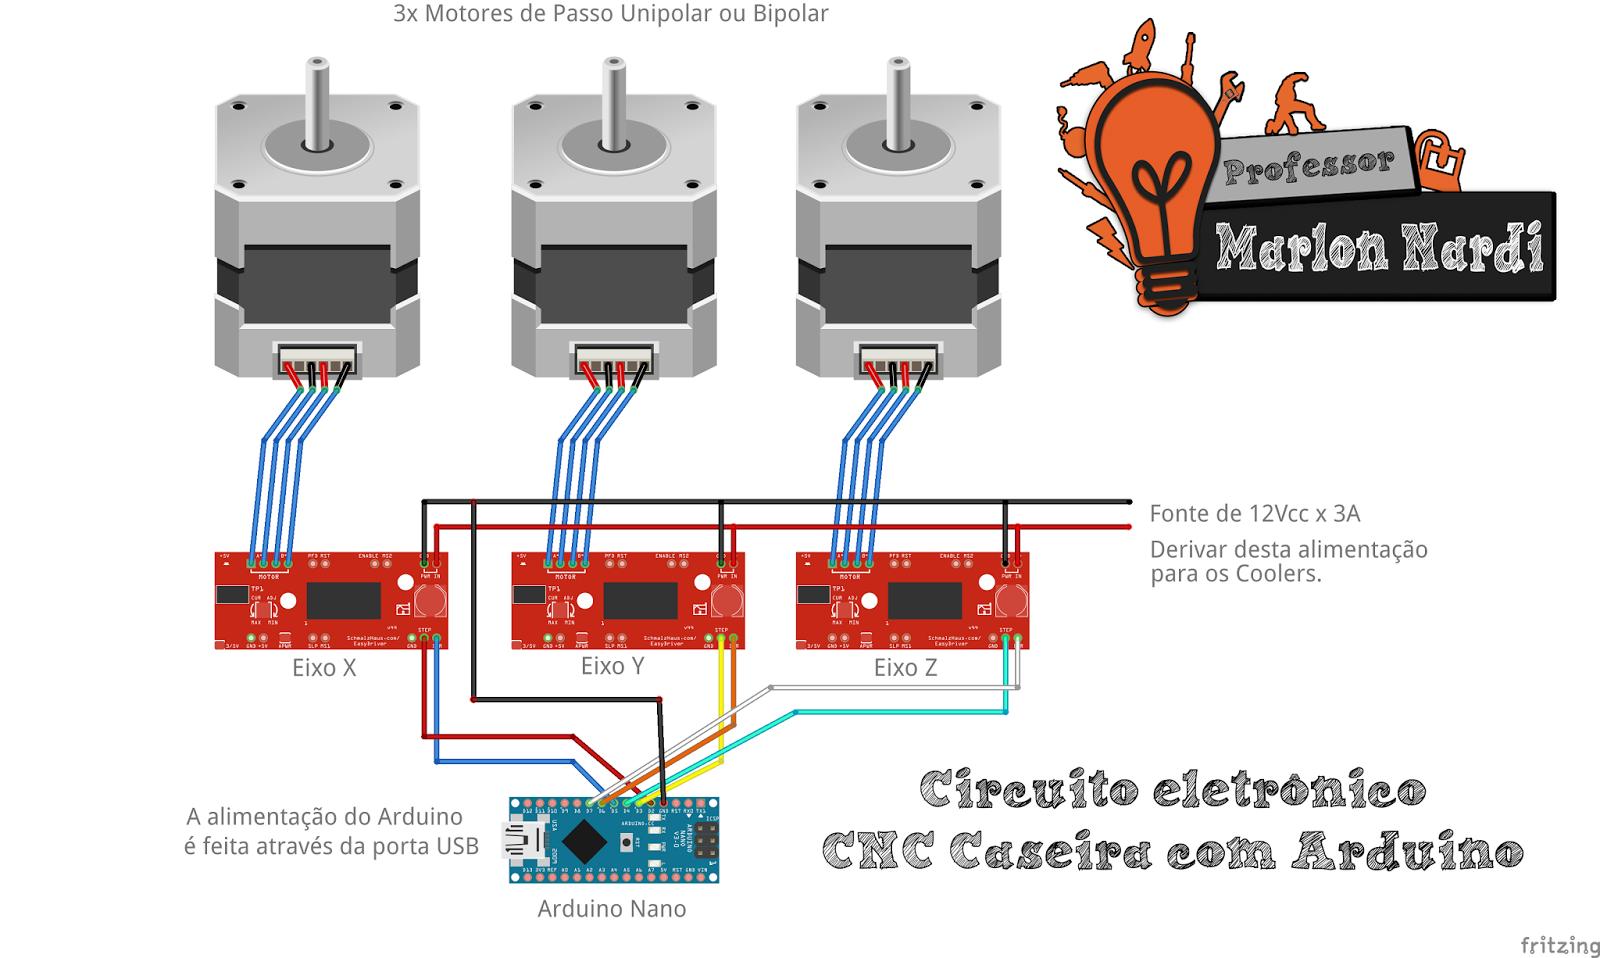 Marlon nardi walendorff construa sua prpria cnc 20 os 3 componentes vermelhos do circuito so easy drivers que podem ser comprados no mercado livre por cerca de 20 reais cada um s exite um modelo de easy ccuart Choice Image